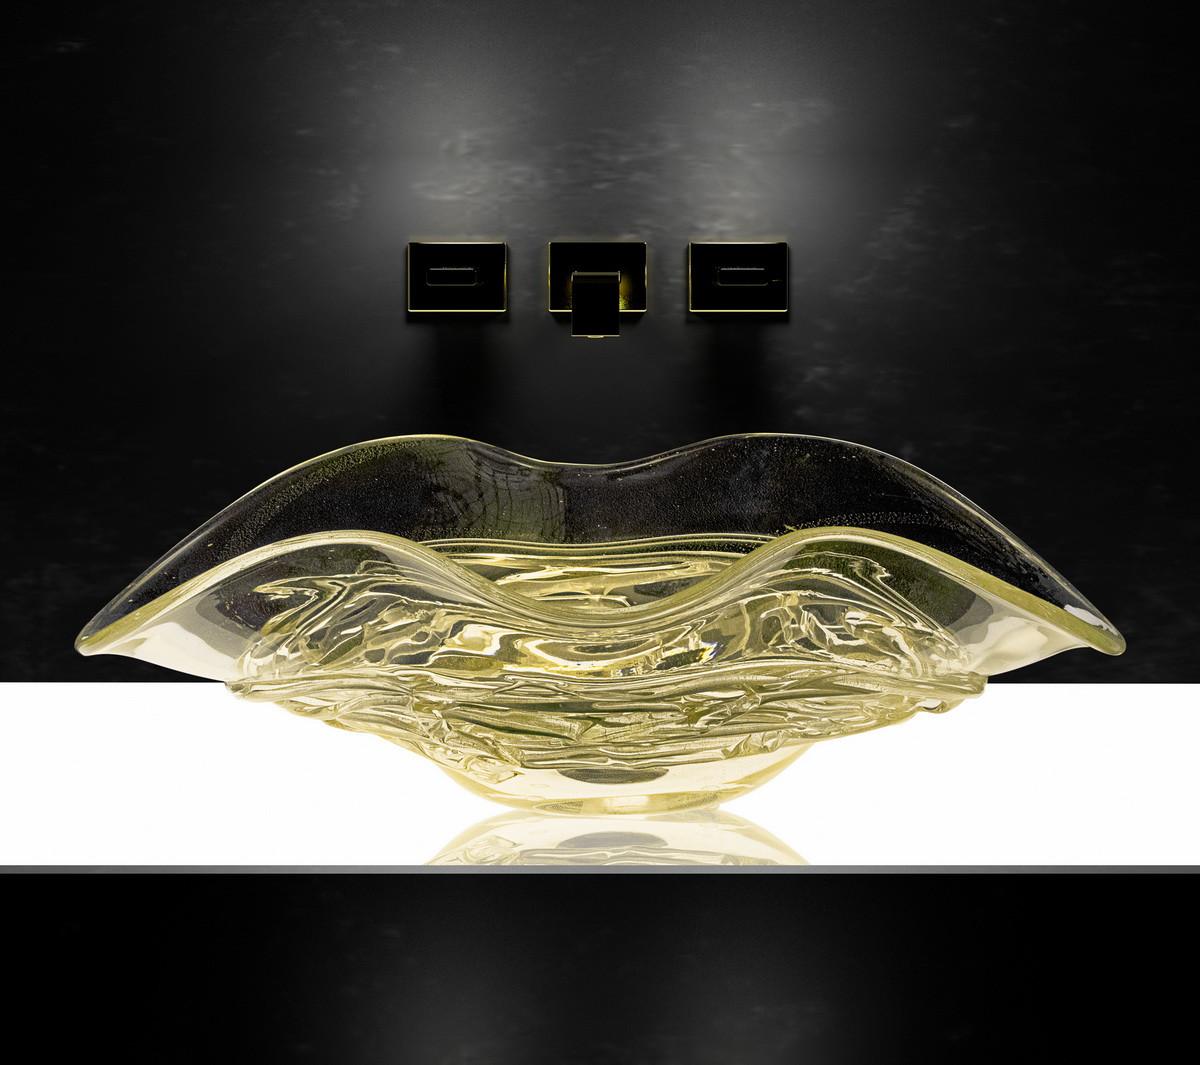 arte murano vase of lavabo kao skulptura od murano stakla in elegantna kolekcija arte